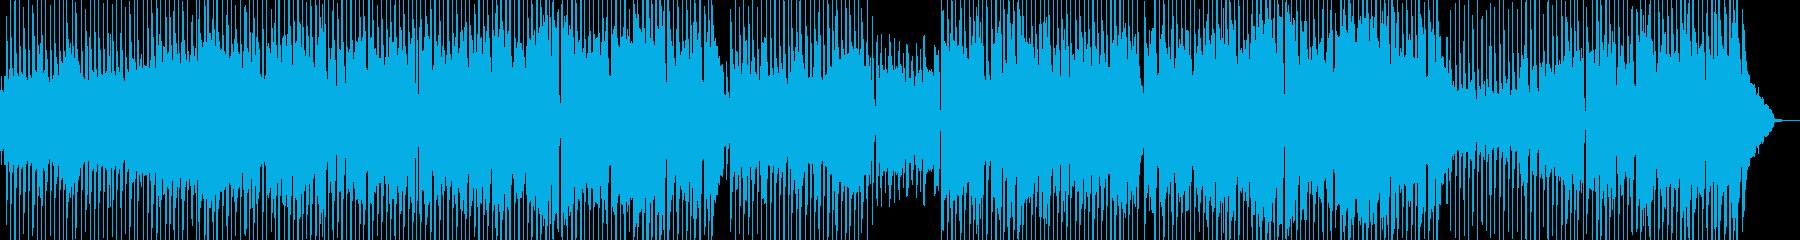 日常的過ぎるほのぼの打楽器ポップス 長尺の再生済みの波形